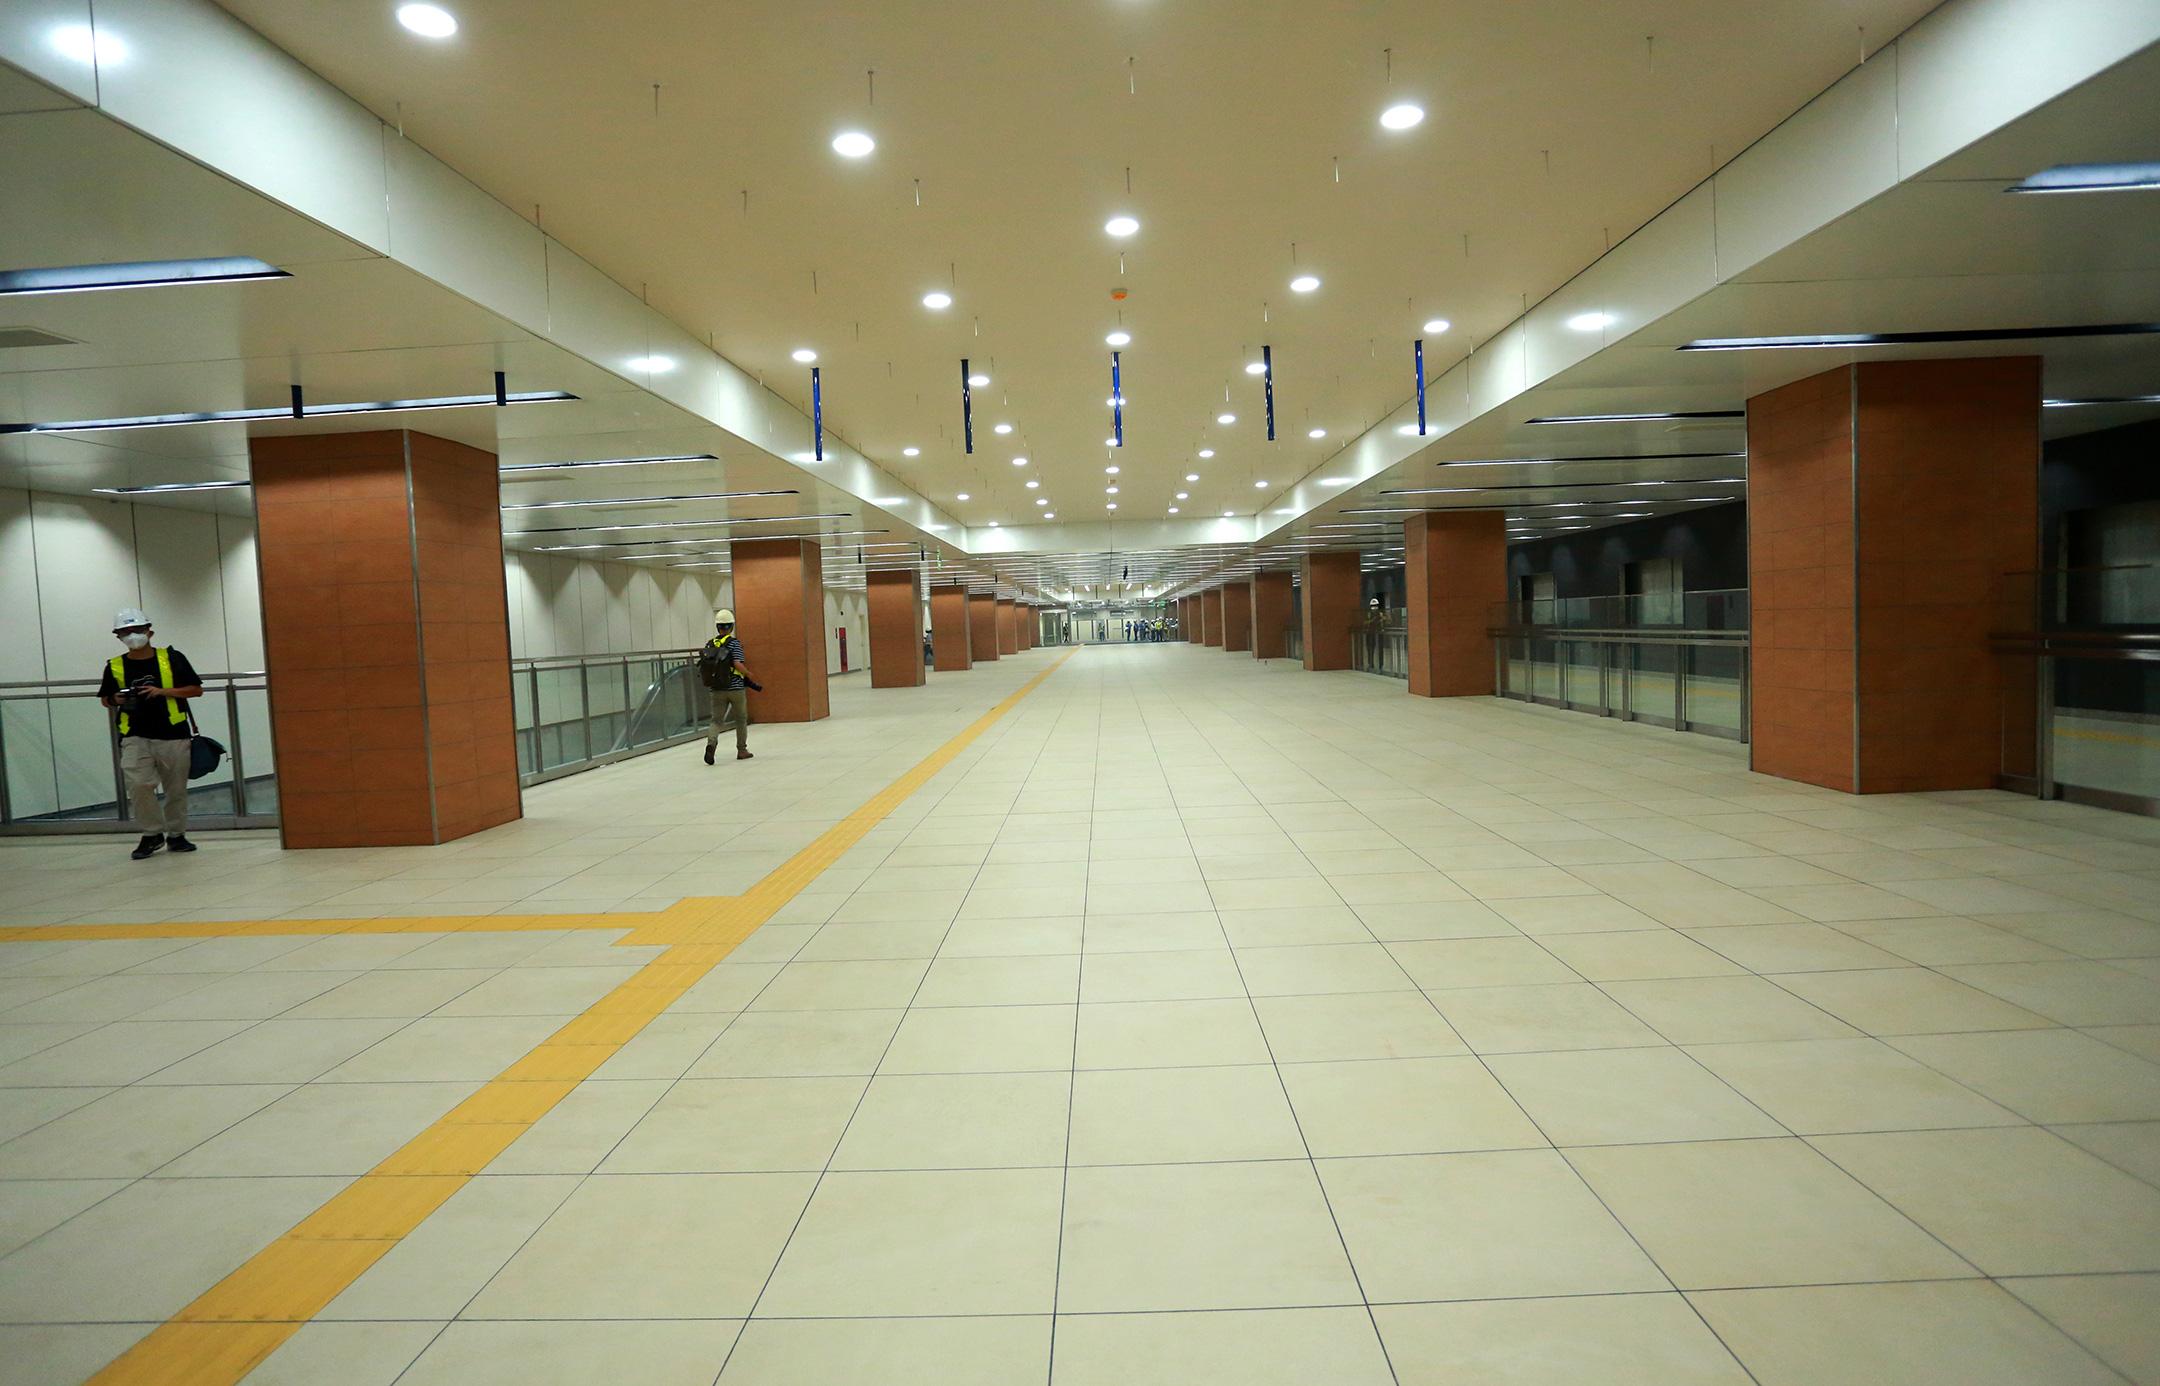 Ga ngầm 4 tầng đầu tiên của Metro TP.HCM sắp hoàn thiện, nằm sát bên Nhà hát thành phố - Ảnh 10.